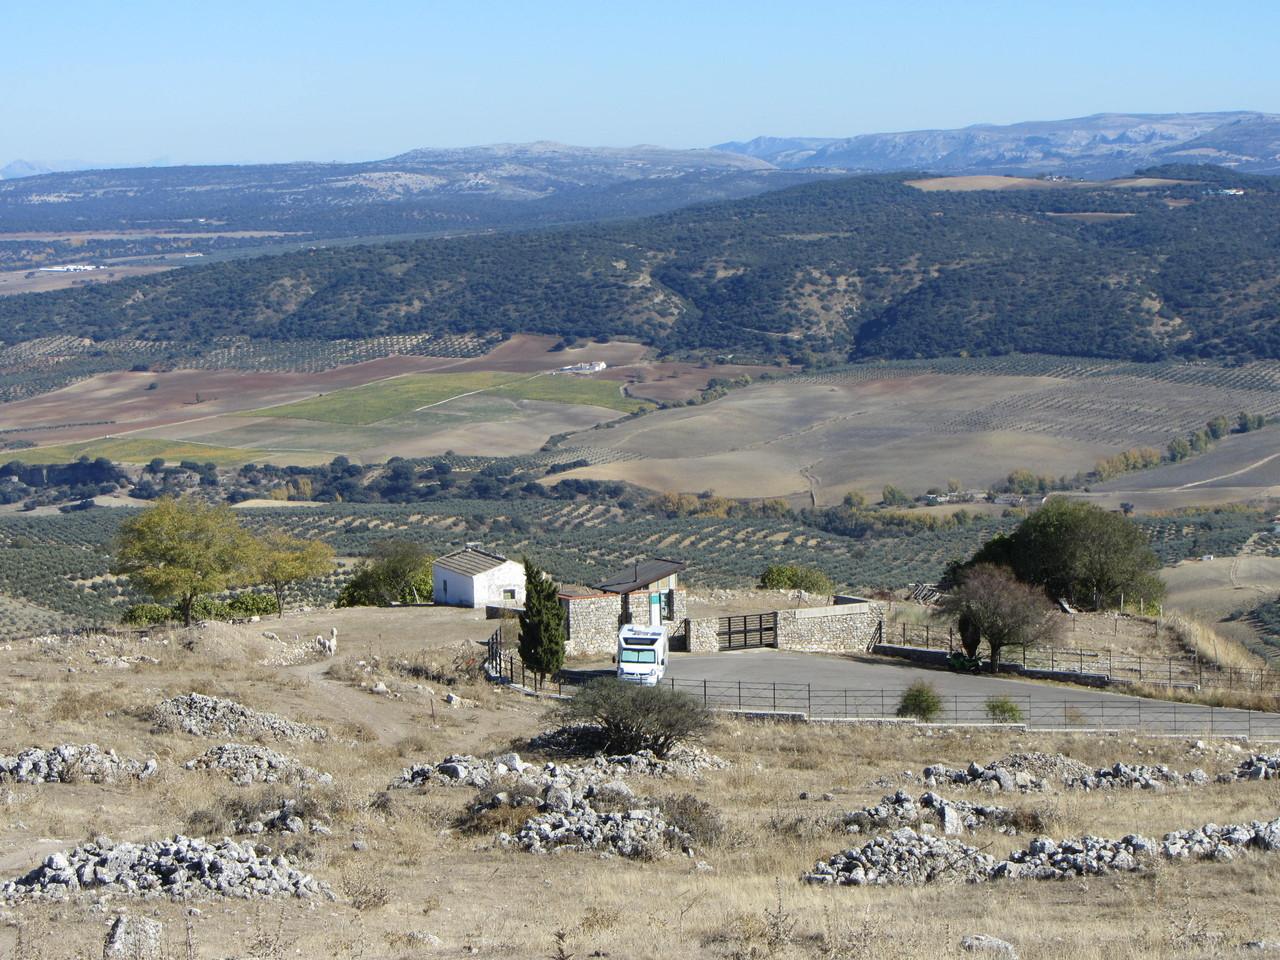 Blick zum Eingang der Ausgrabungen und in die herrliche Berwelt um Ronda